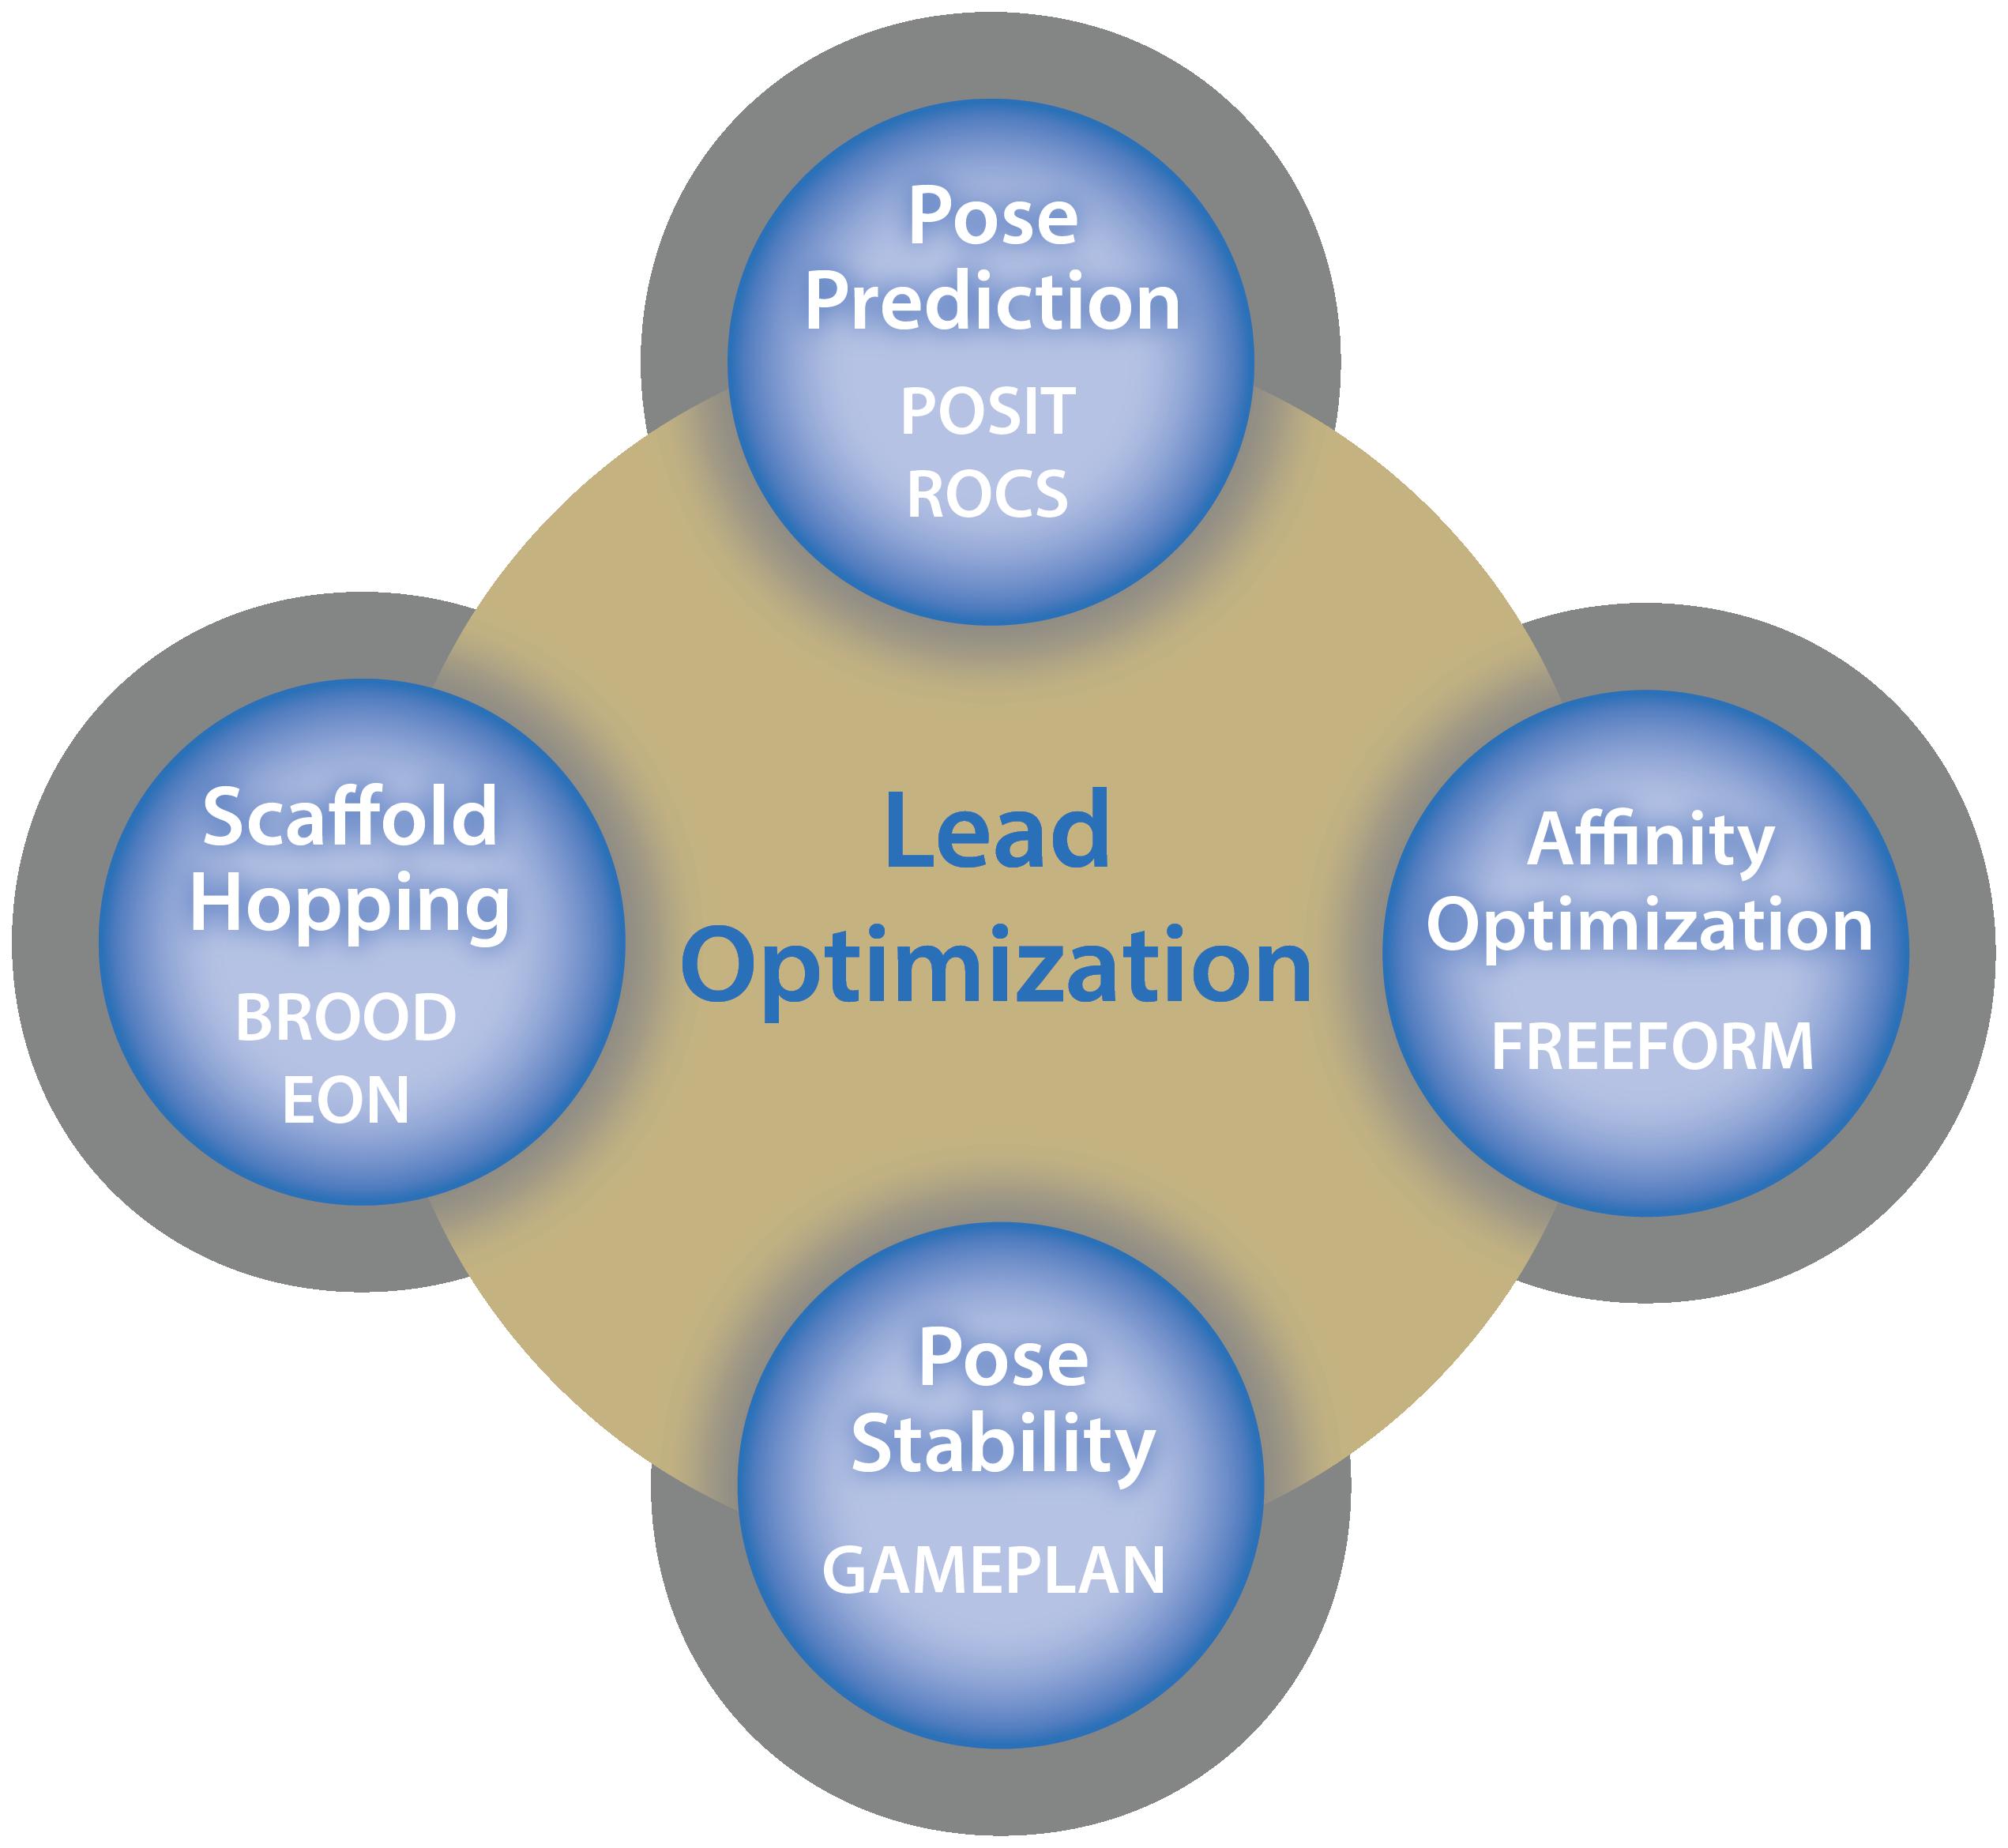 lead-optimization-web-1.png